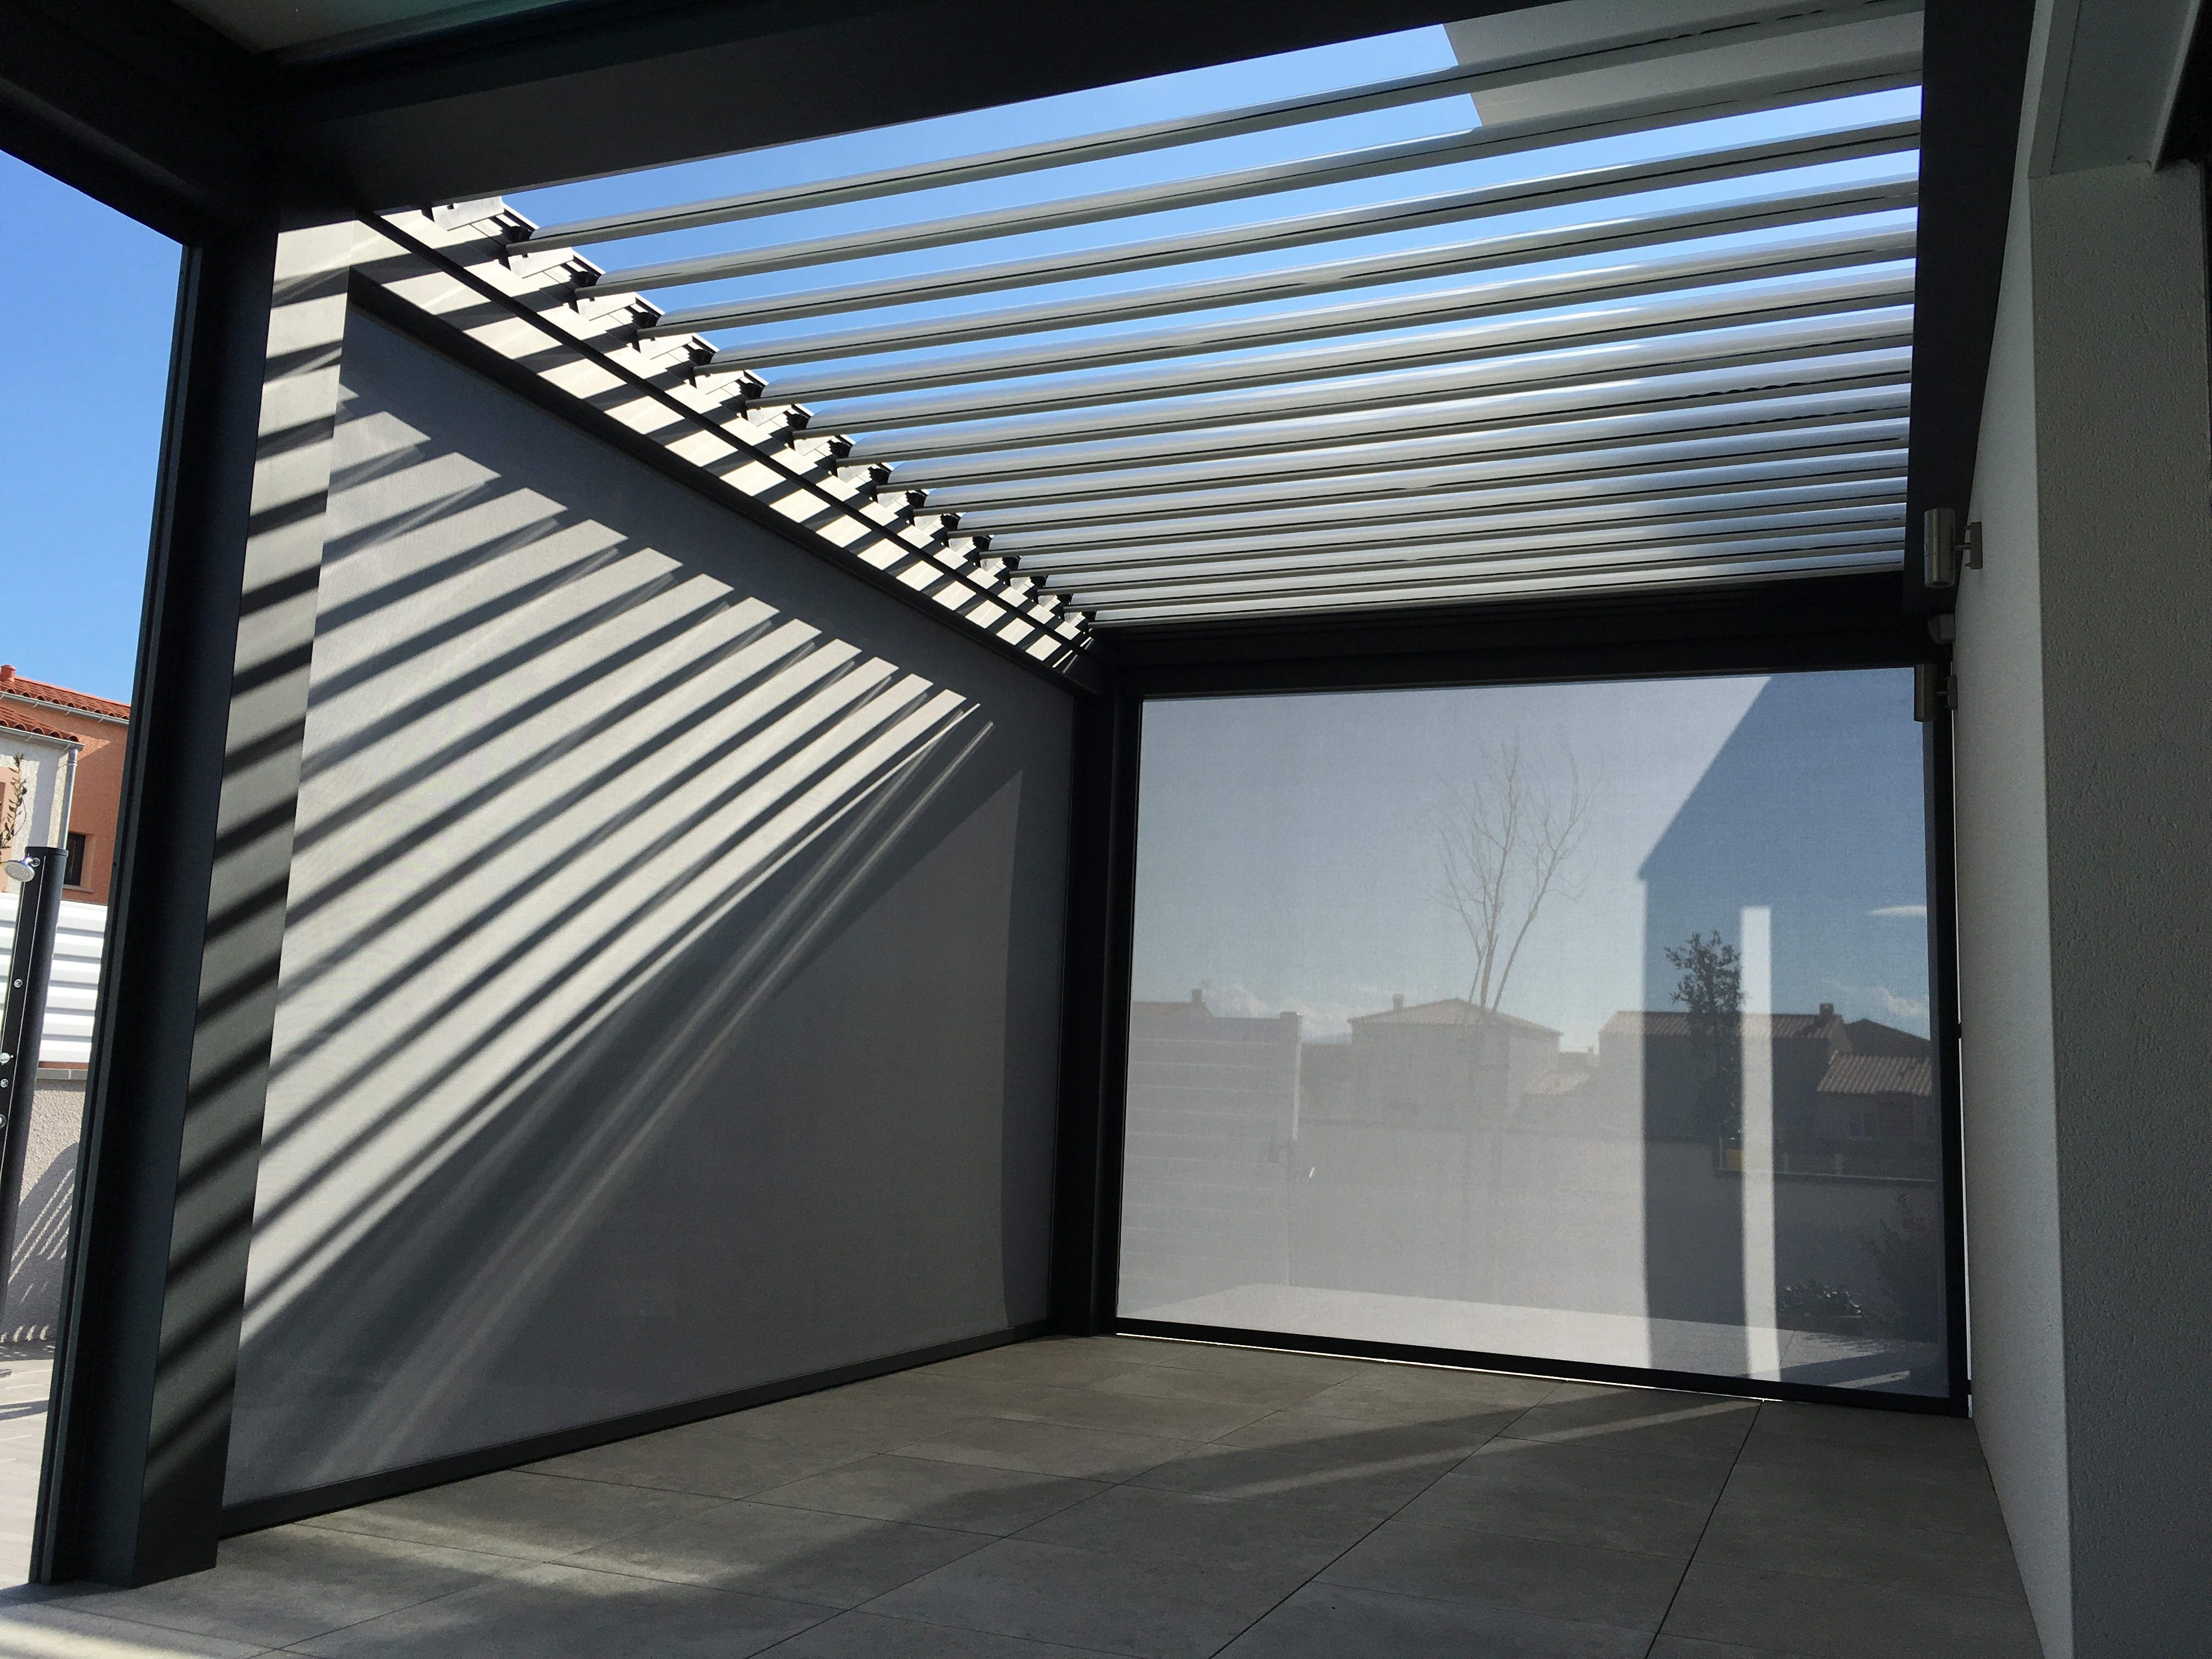 pergola bioclimatica durmi pergolas de aluminio pergolas jardin pergolas metalicas somos fabricantes - Pergola Aluminio